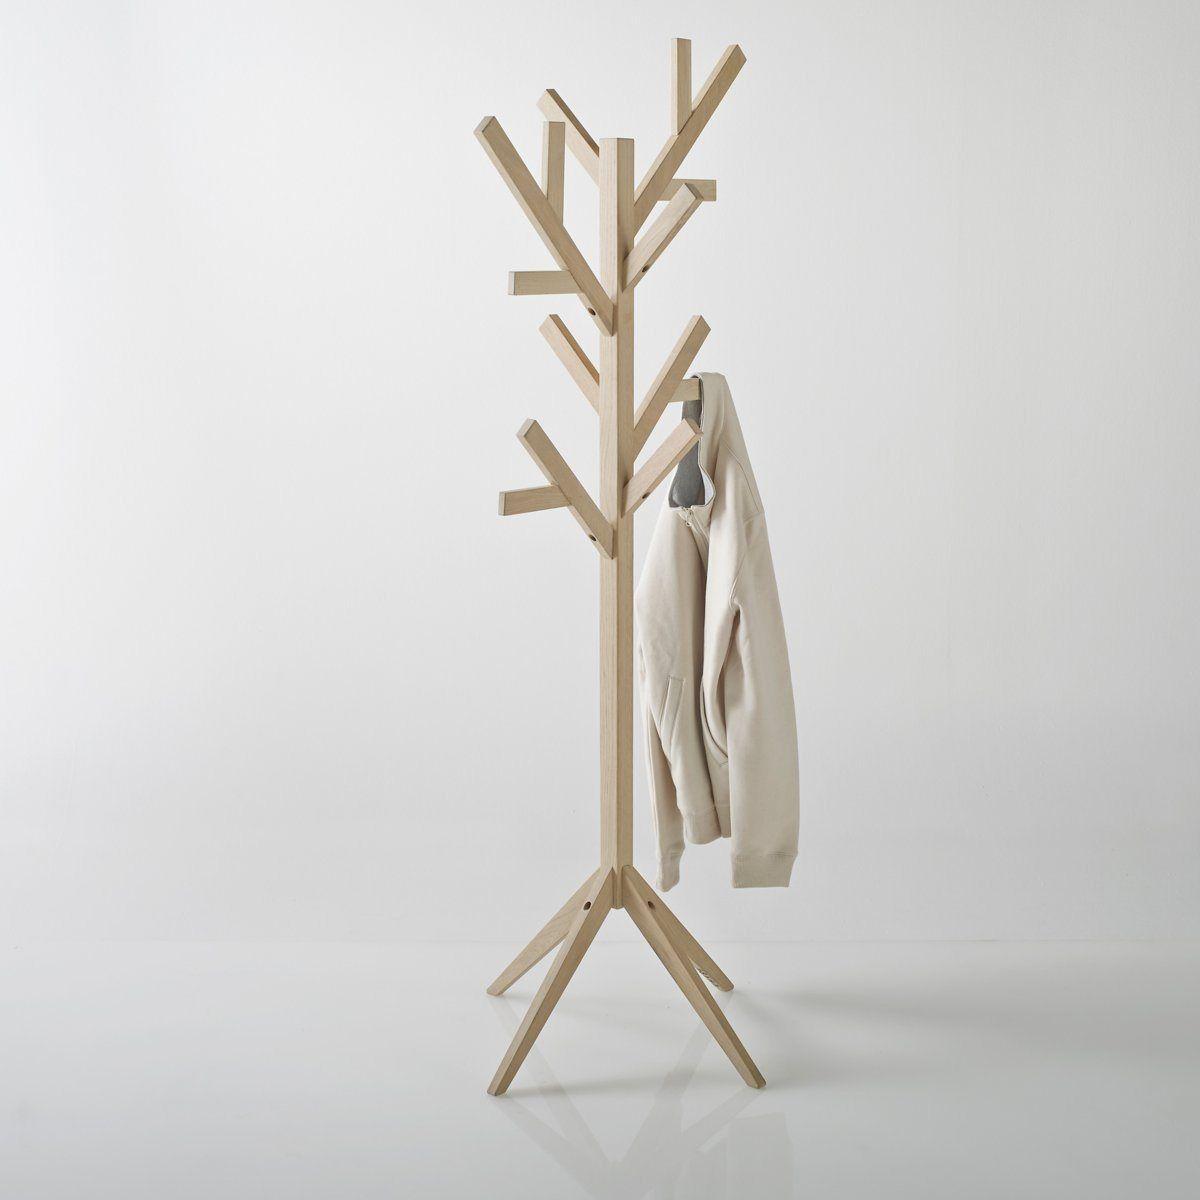 Porte Manteau En Bois Sur Pied porte-manteaux « arbre » la redoute interieurs | la redoute